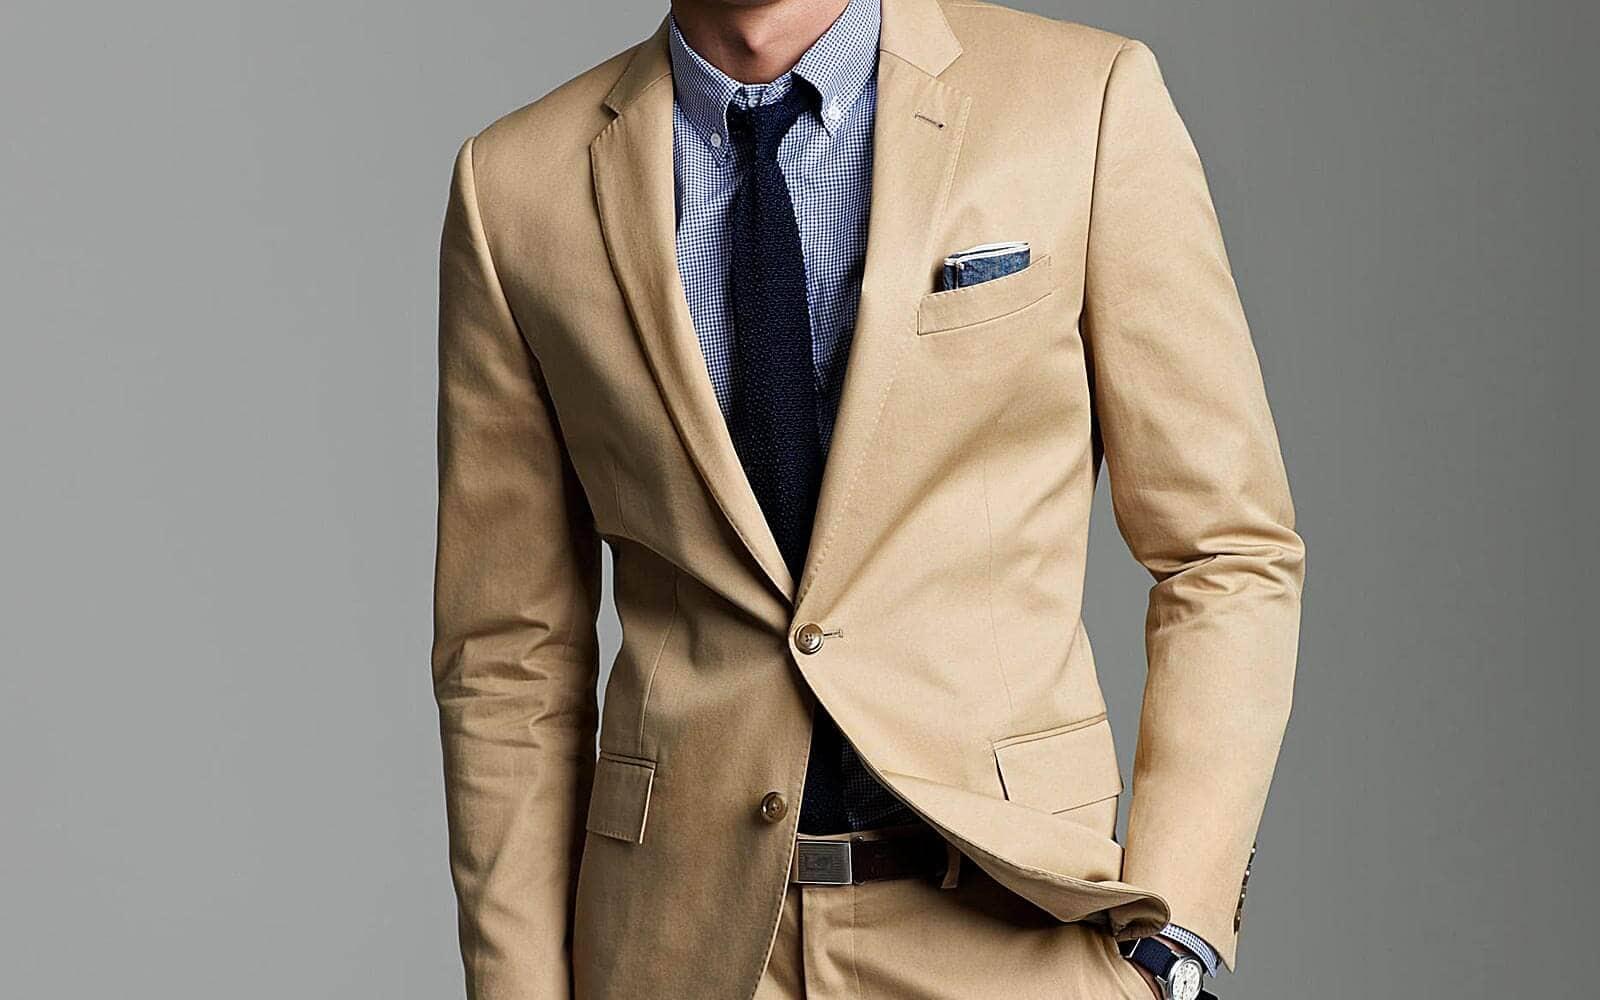 best lightweight suits for summer